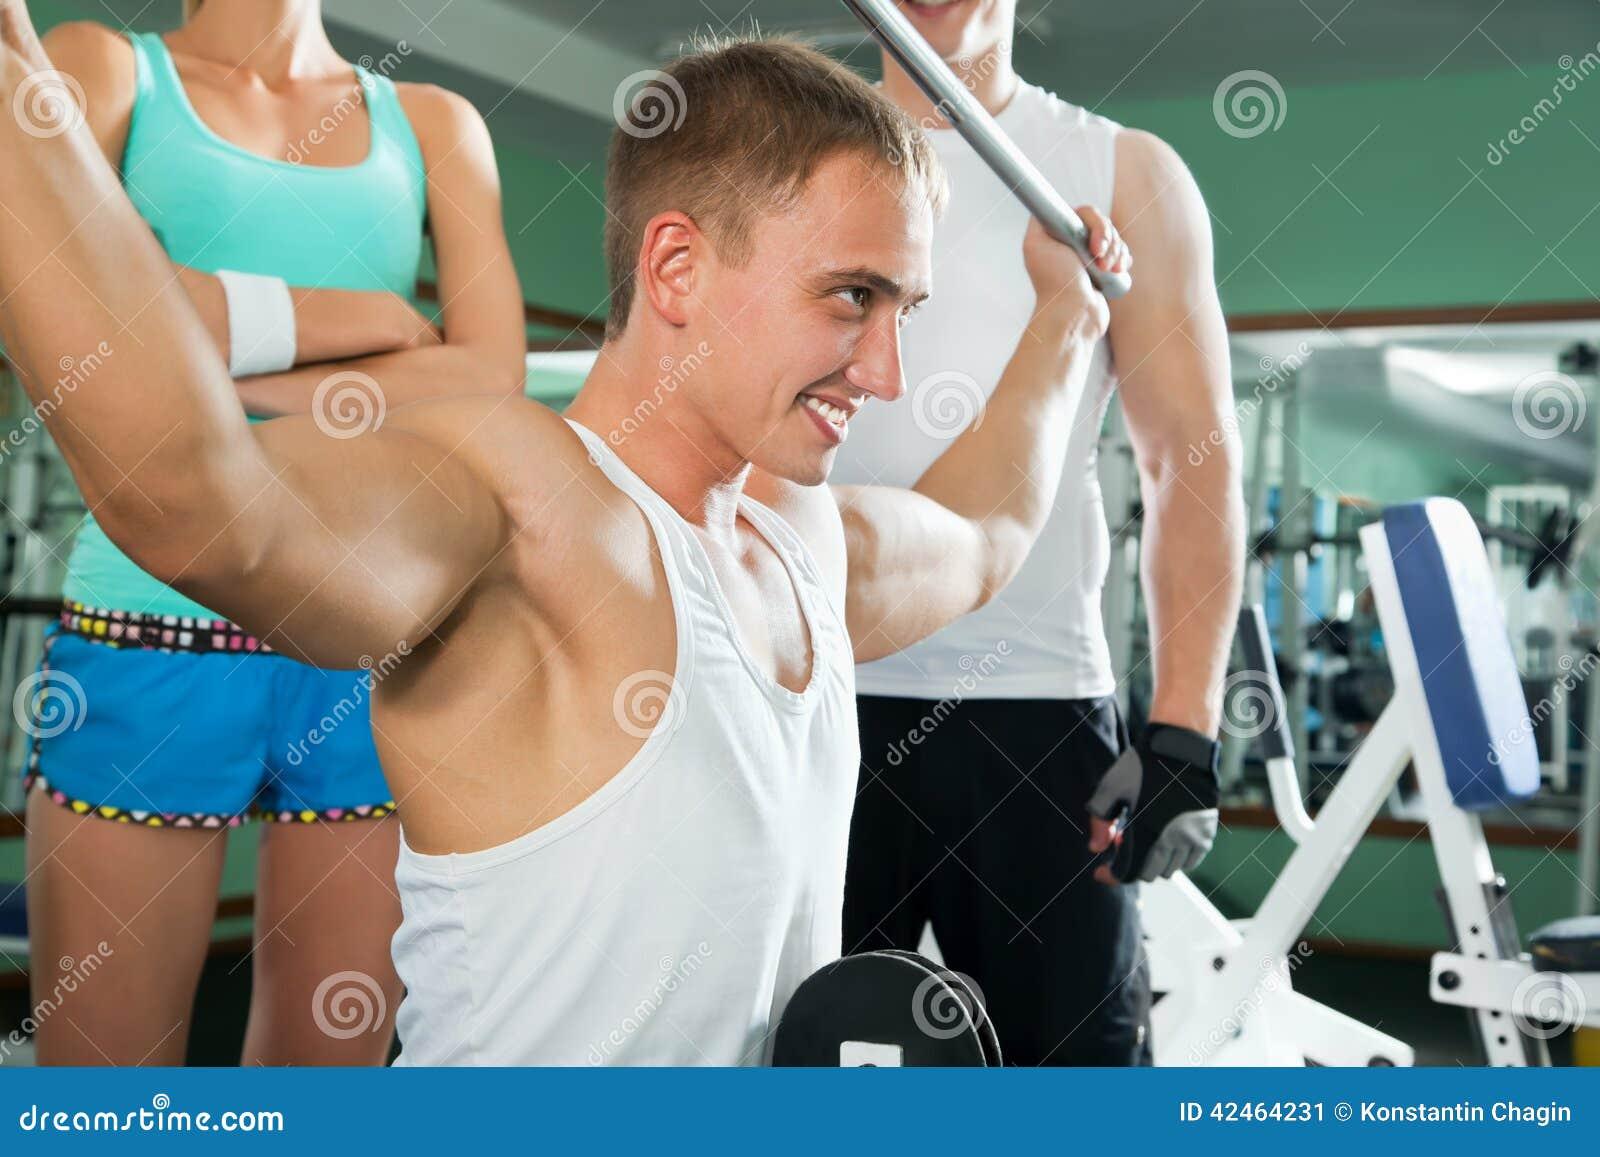 Mann mit GewichtsAusbildungsanlageen